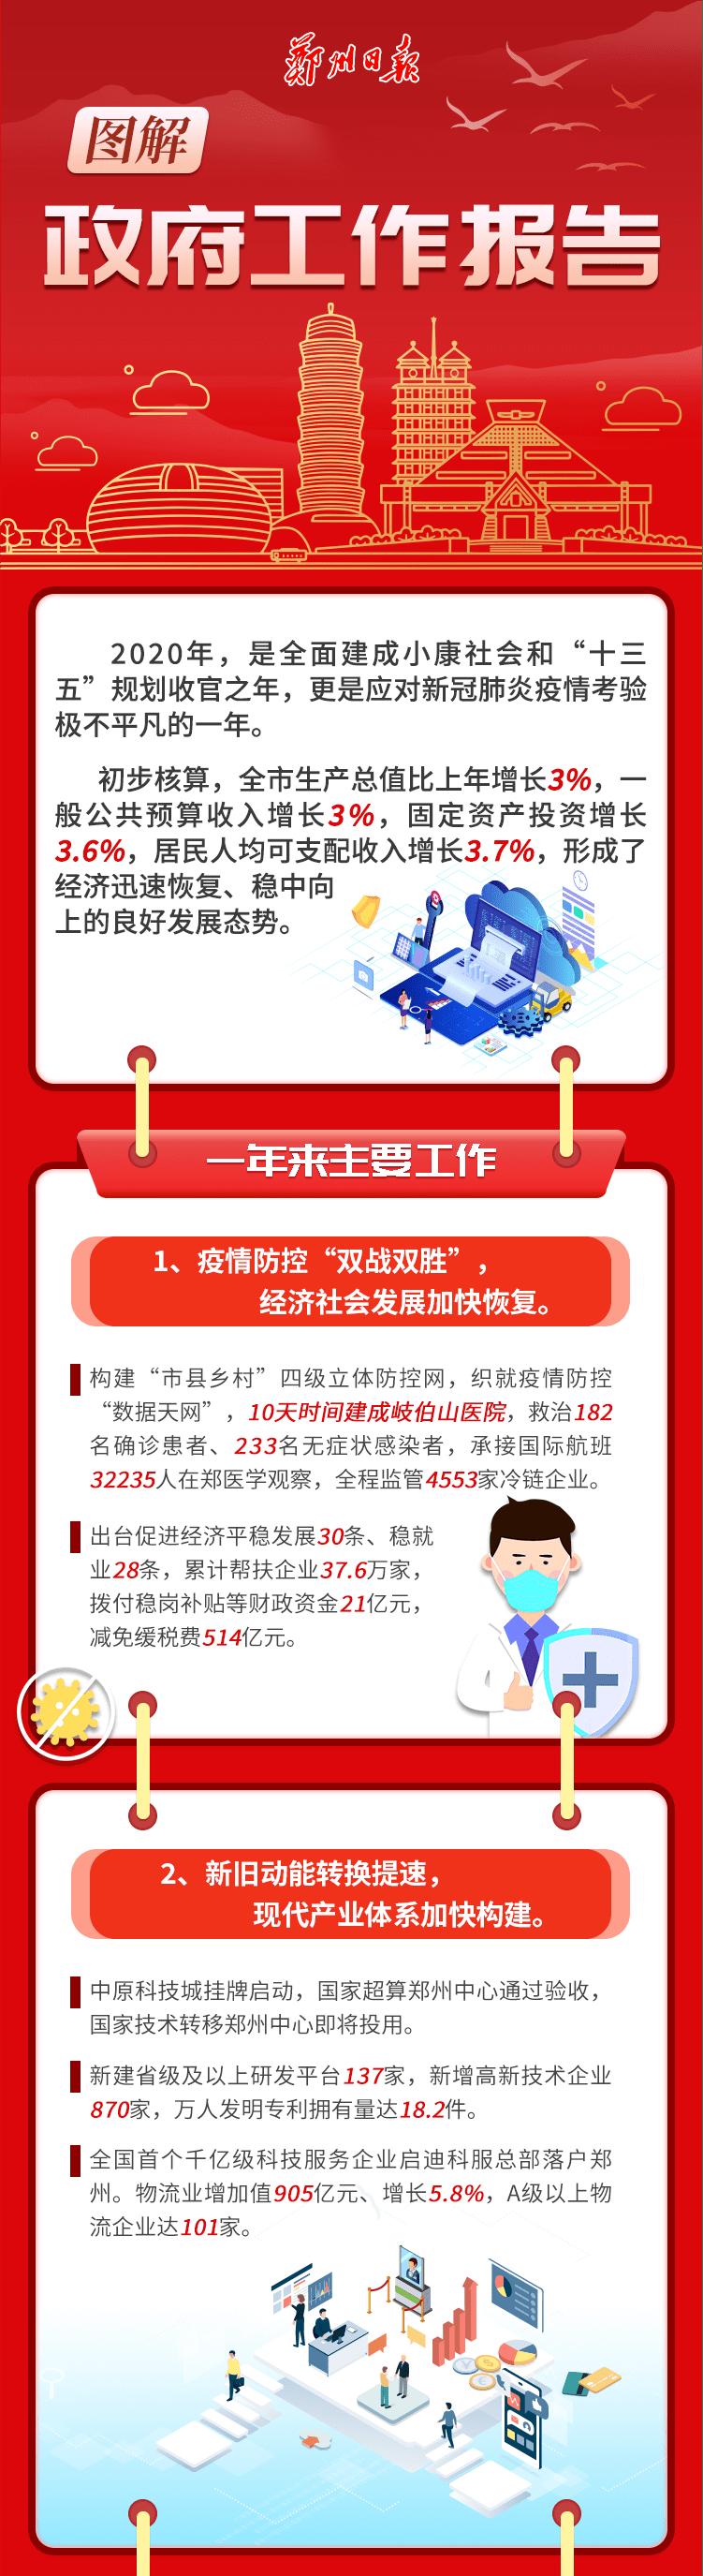 ←2020|2021→ 一图读懂郑州市政府工作报告